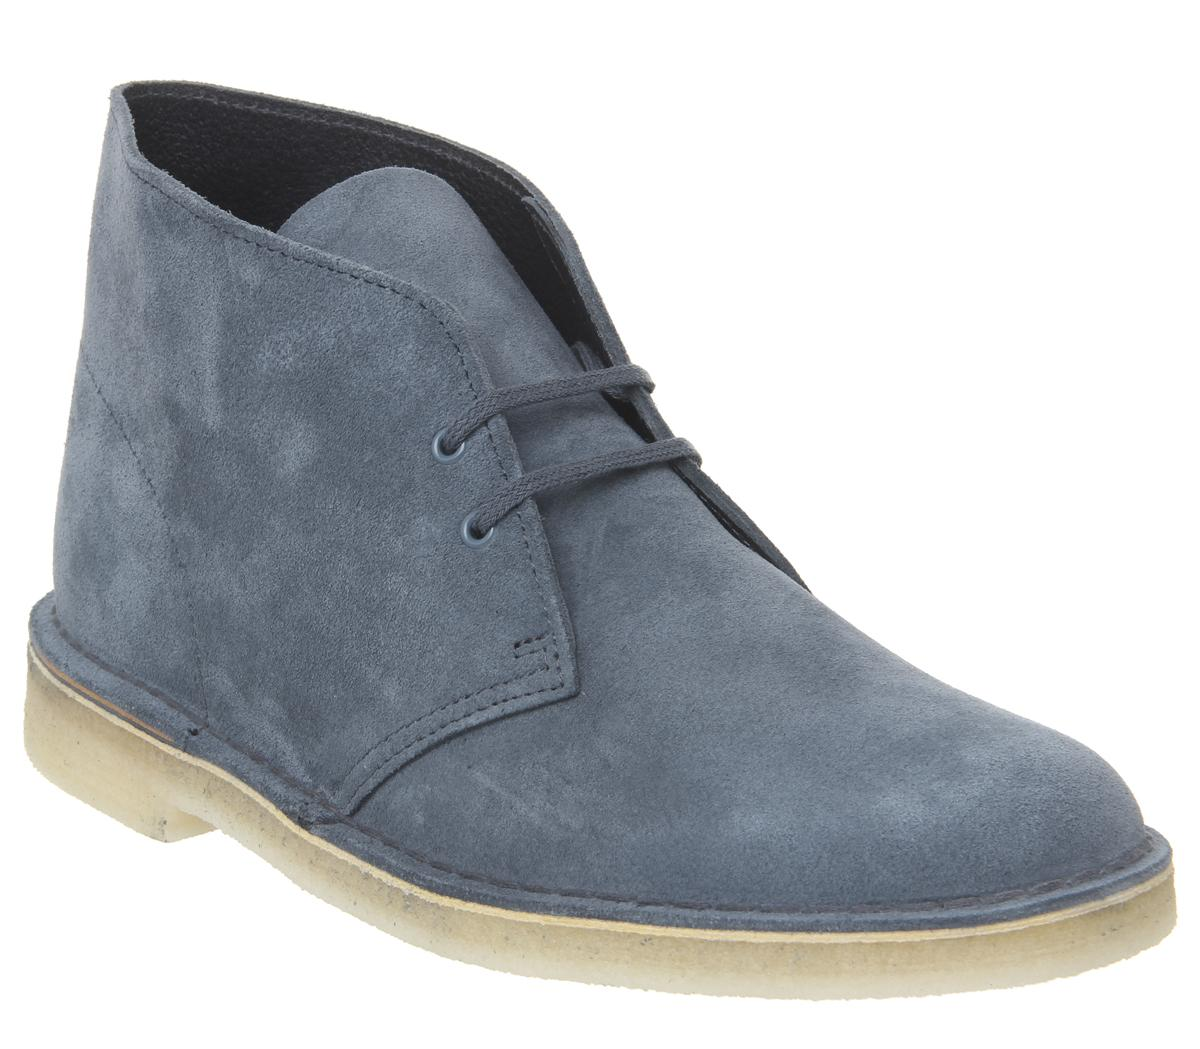 Clarks Originals Desert Boots Deep Blue